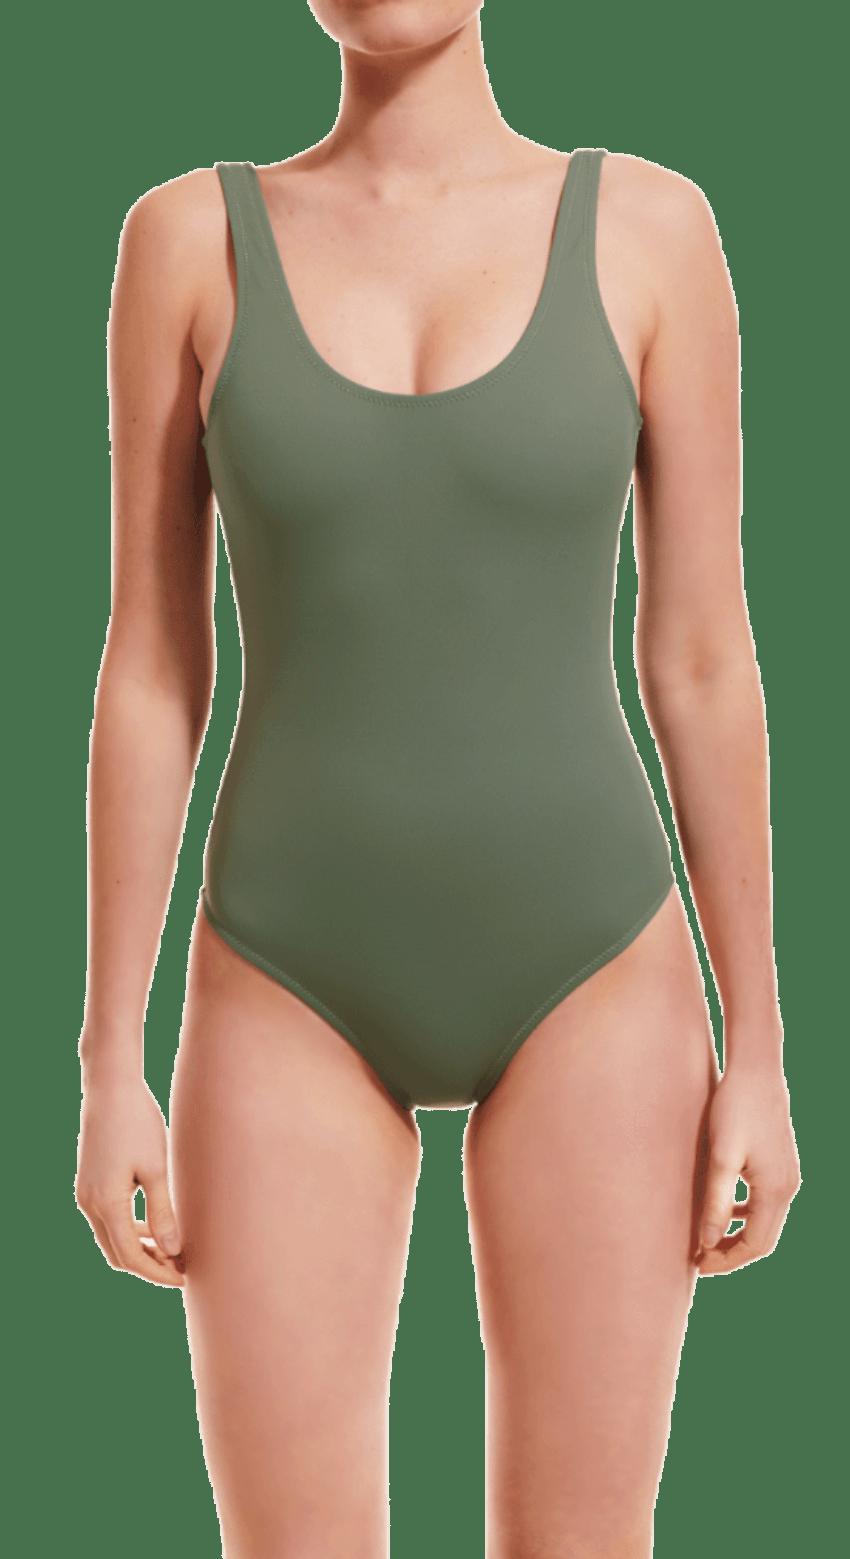 Classic bathing suit